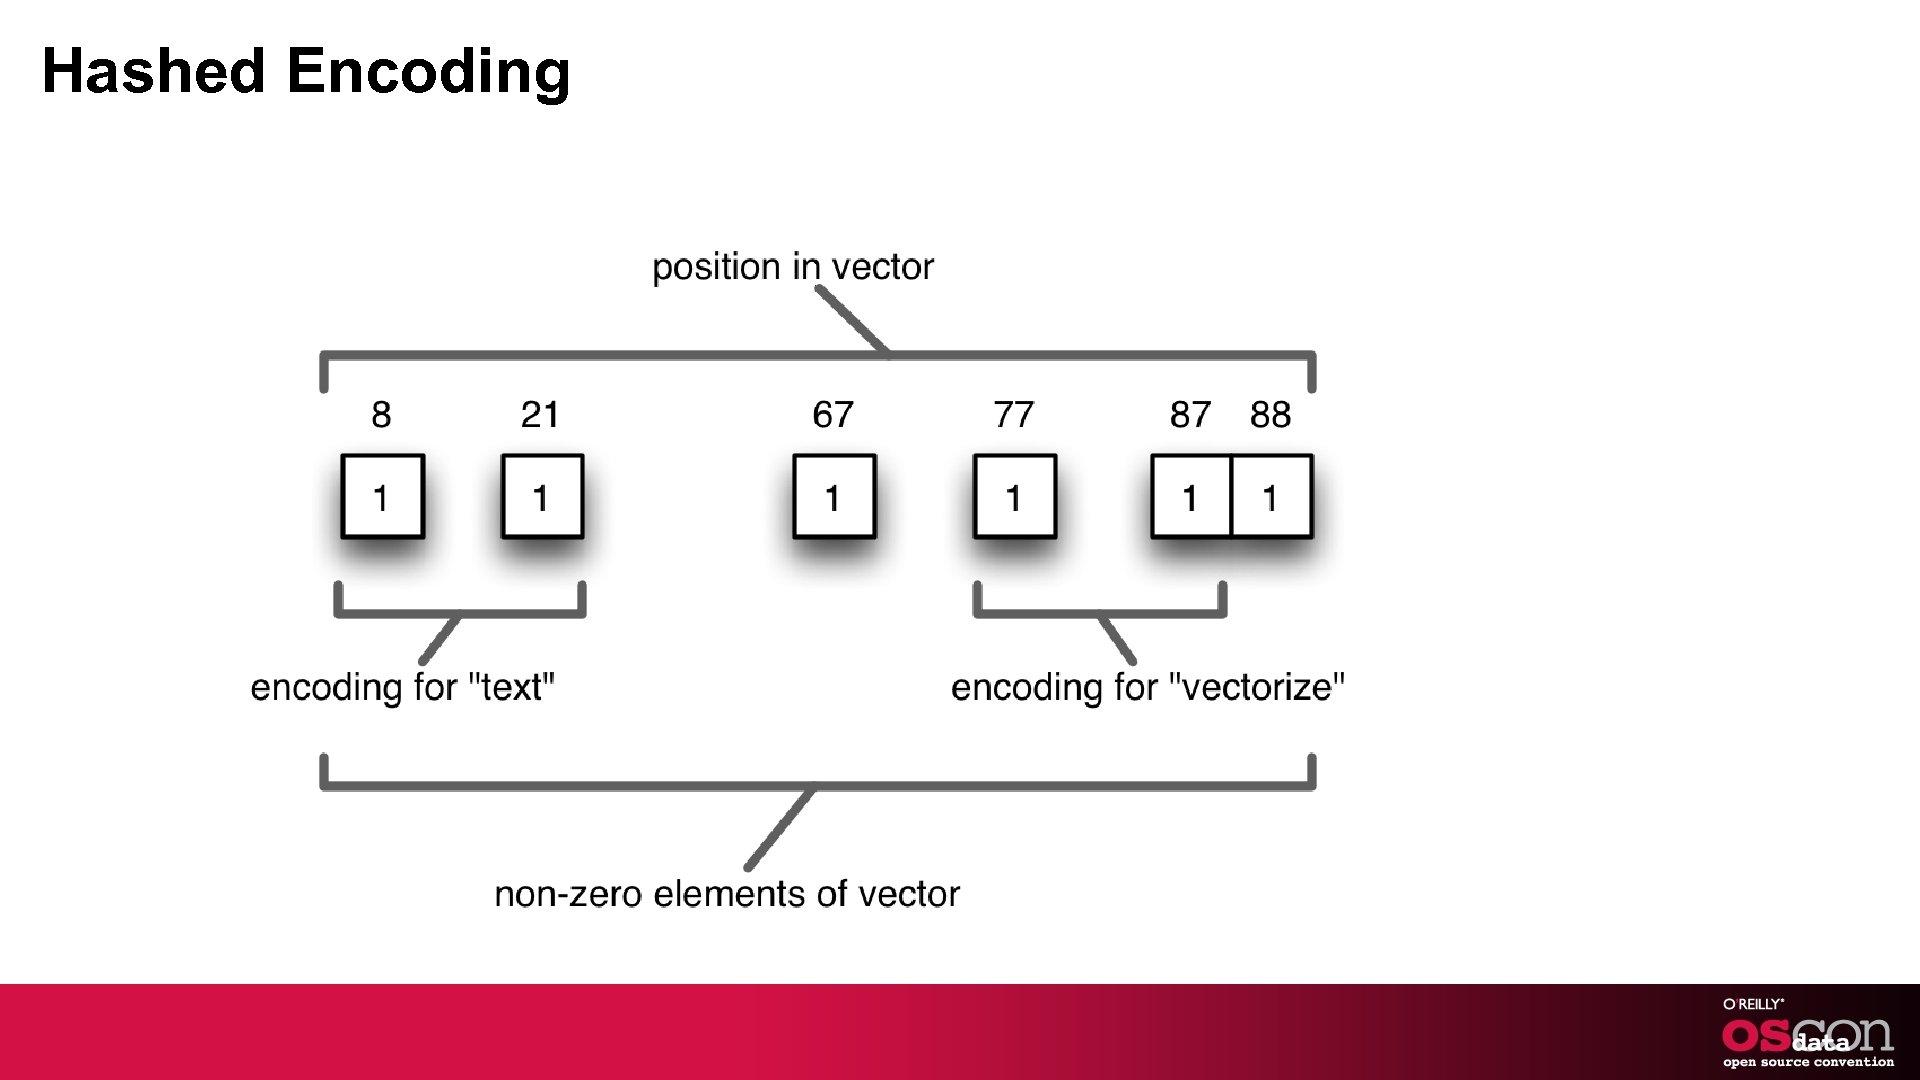 Hashed Encoding